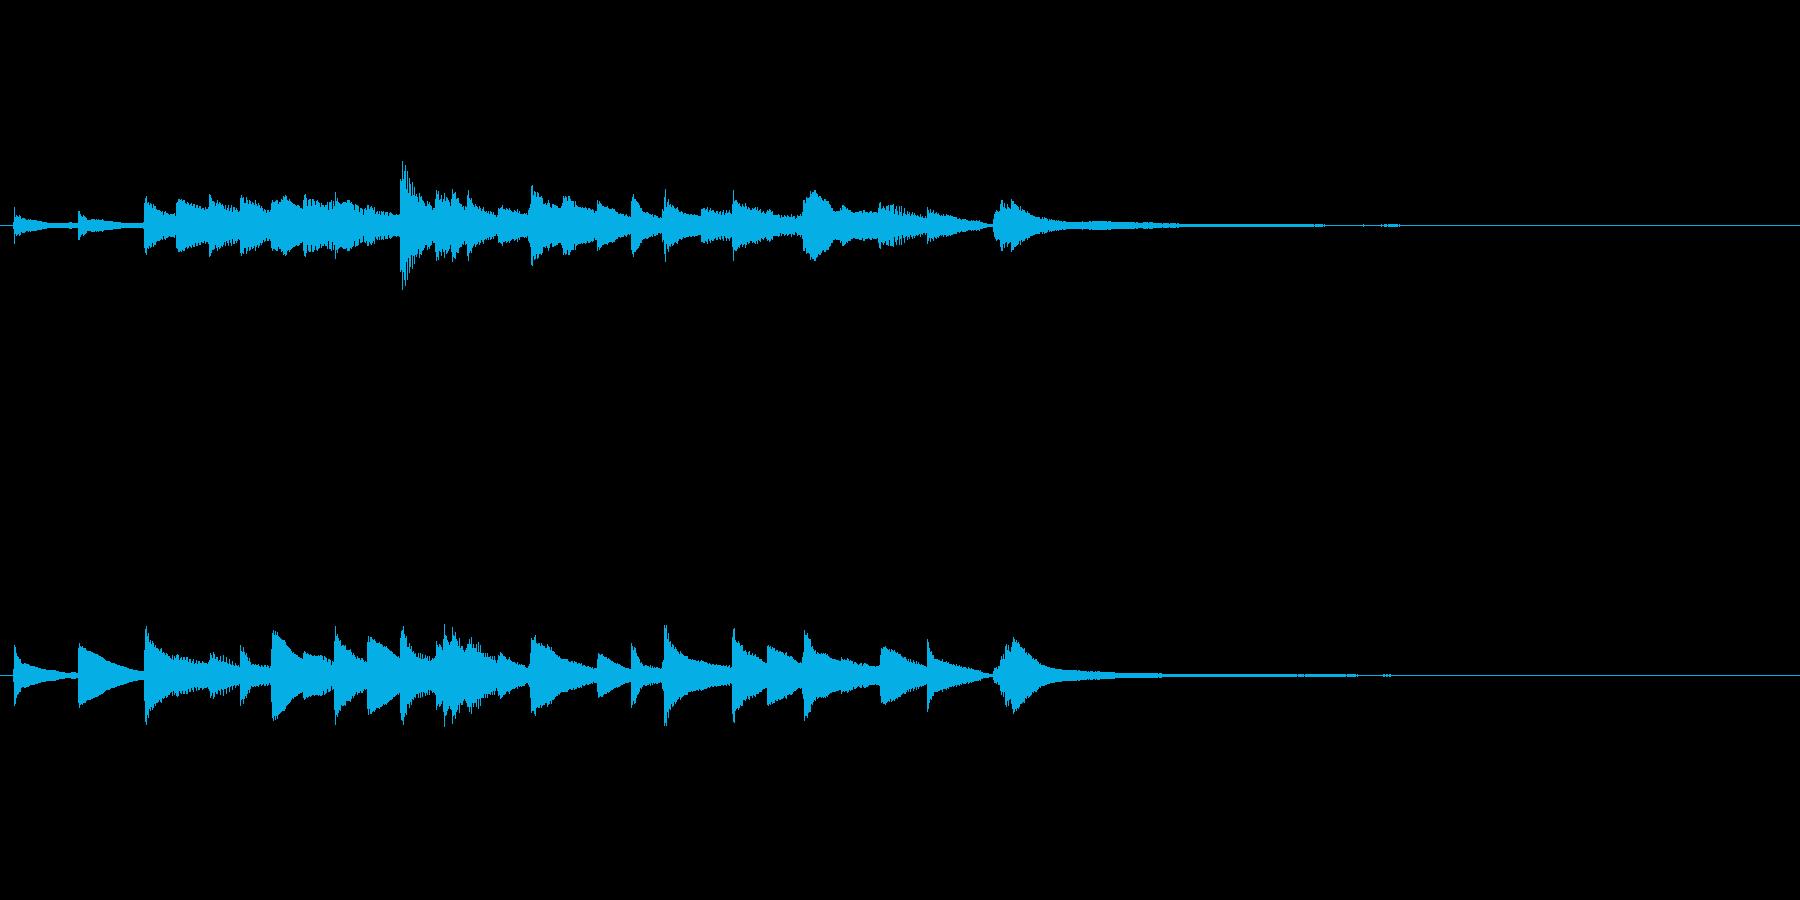 和風ピアノ 場面転換にの再生済みの波形